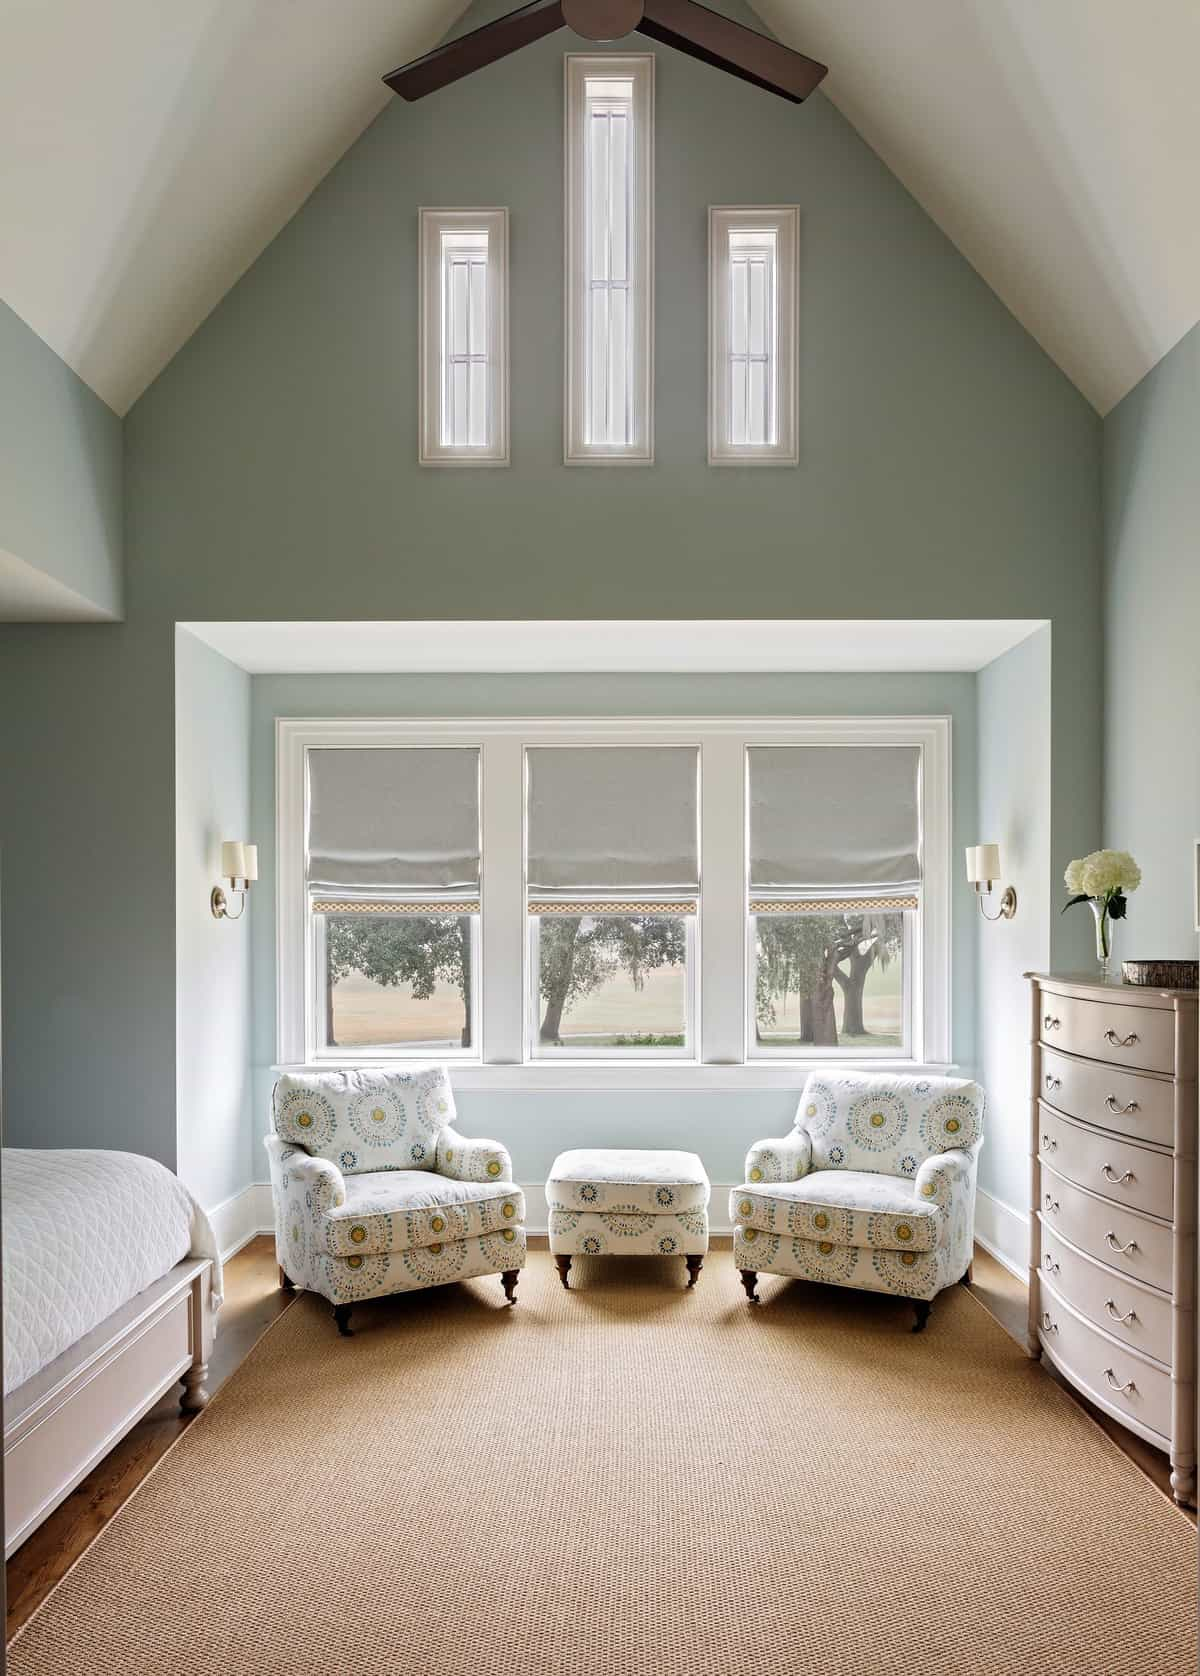 spavaća soba u primorskom stilu